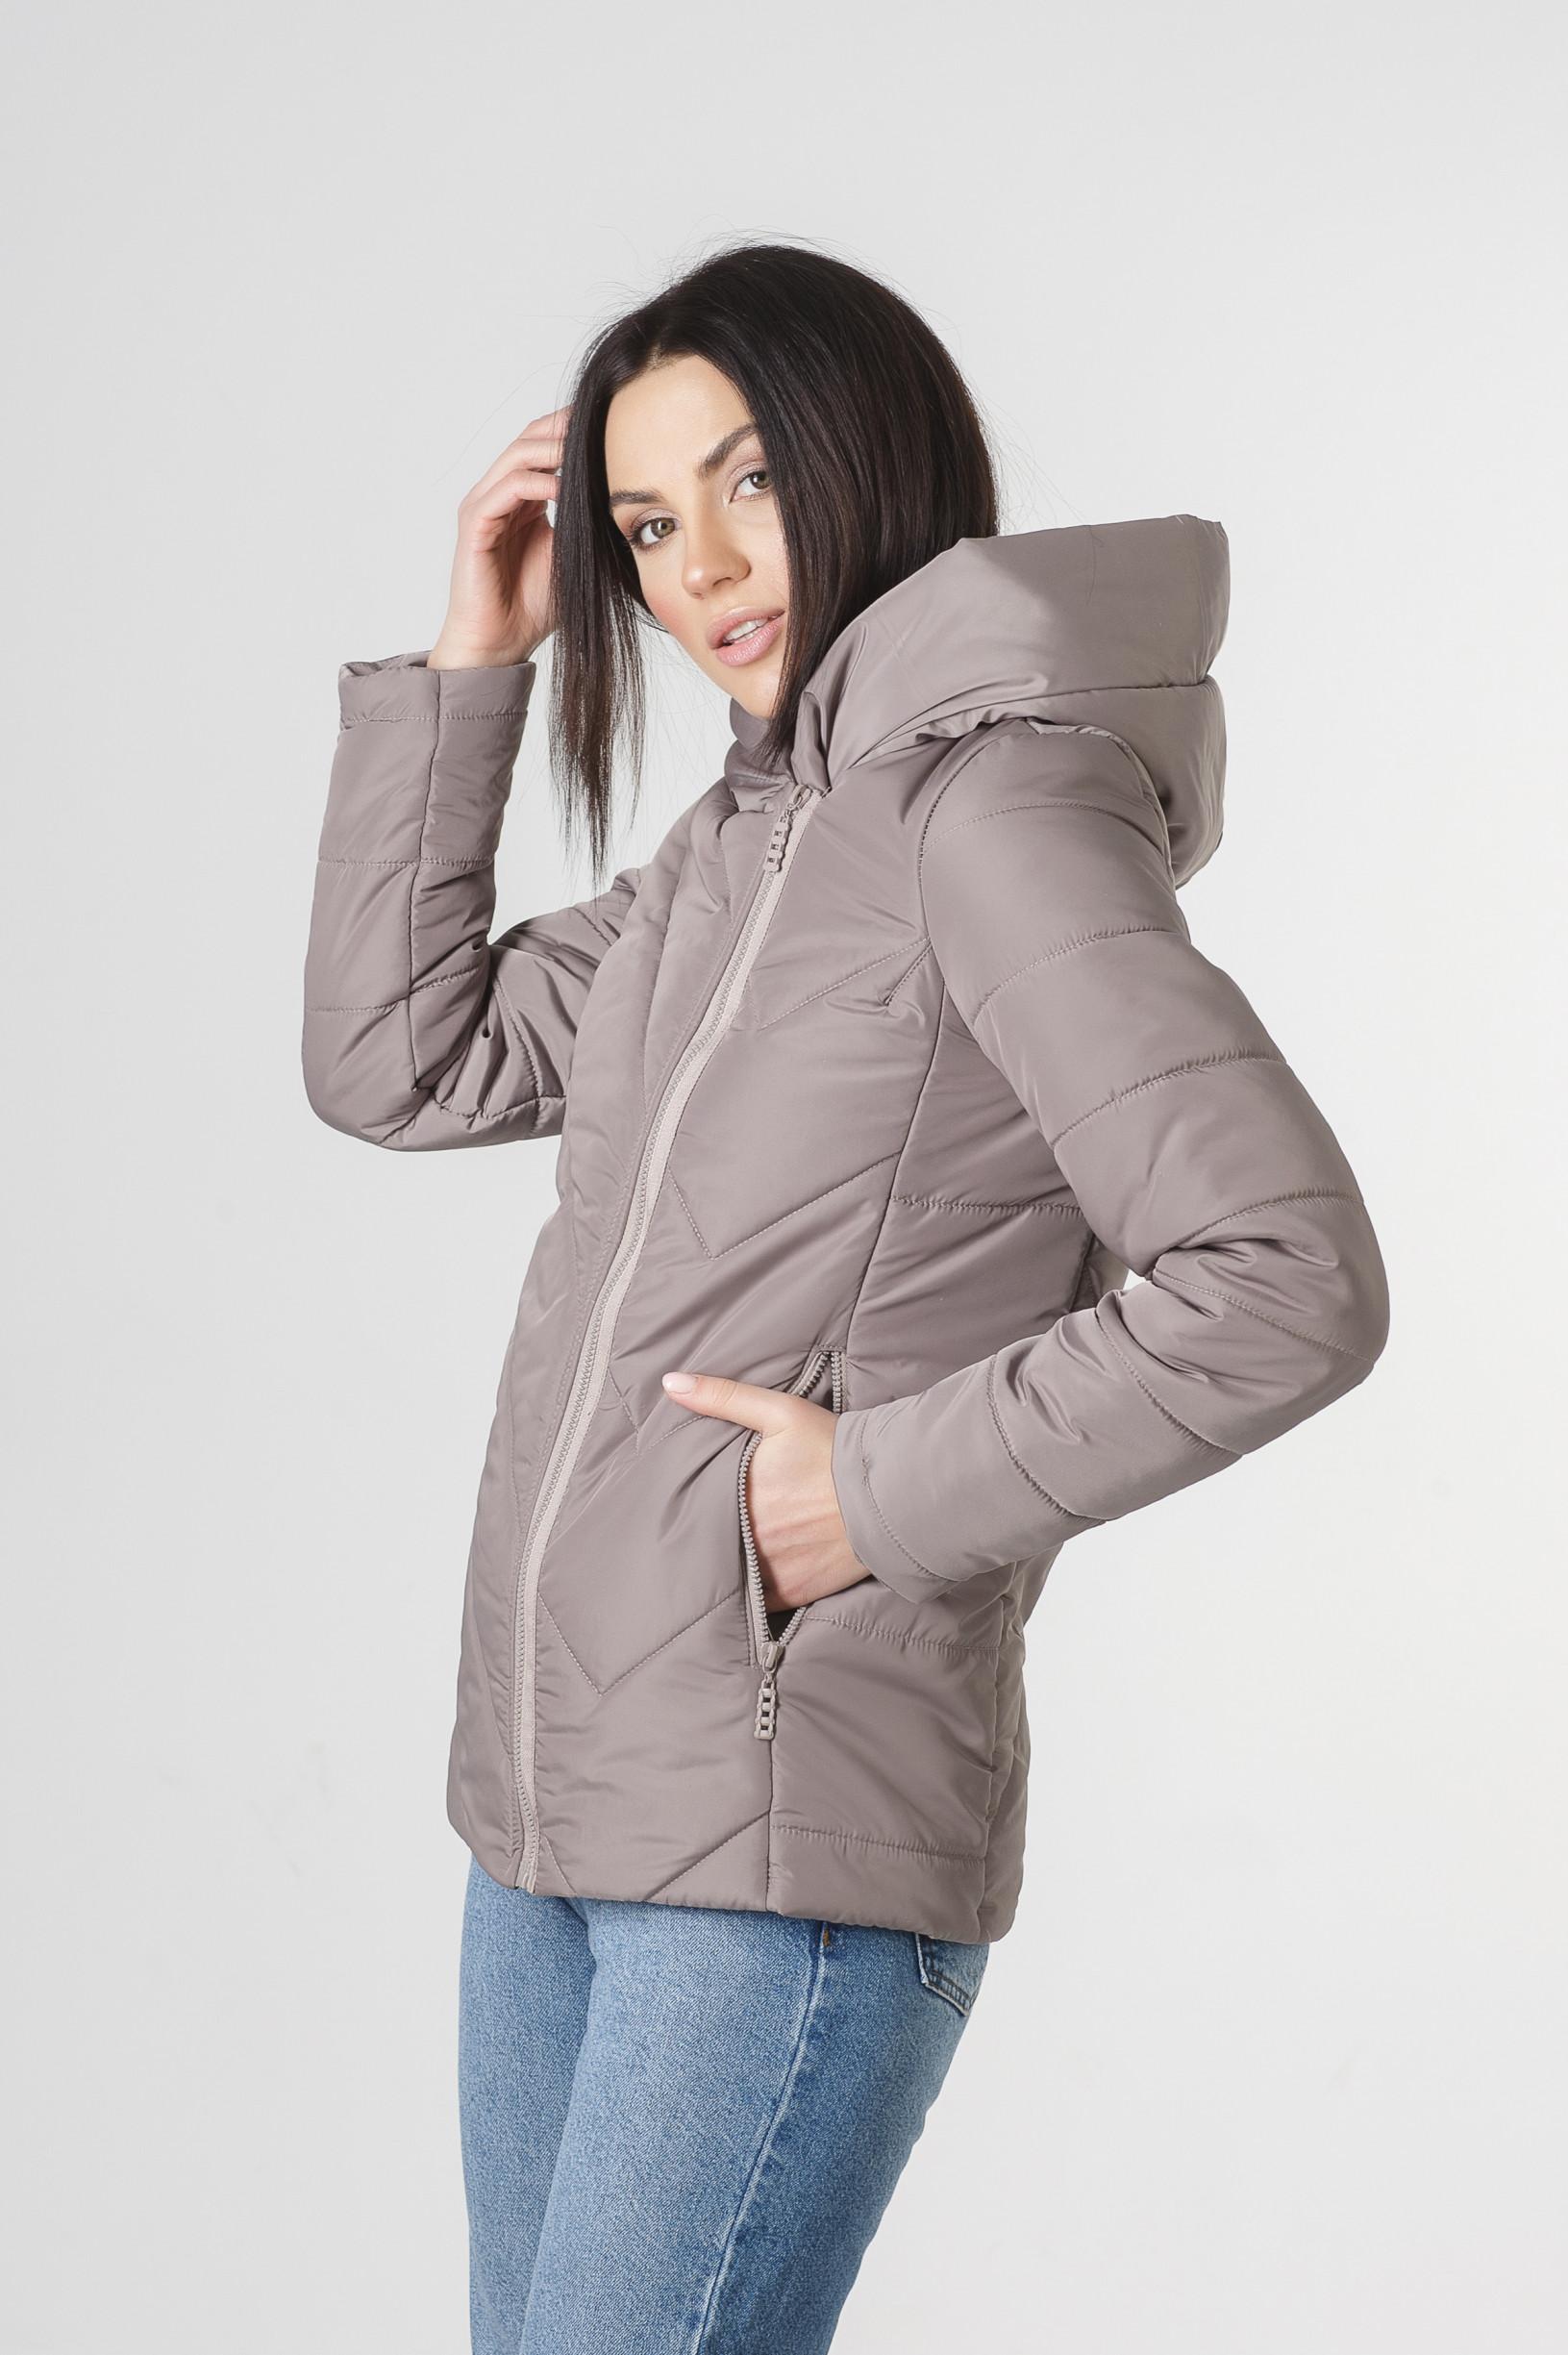 Весенняя бежевая курточка Хайди